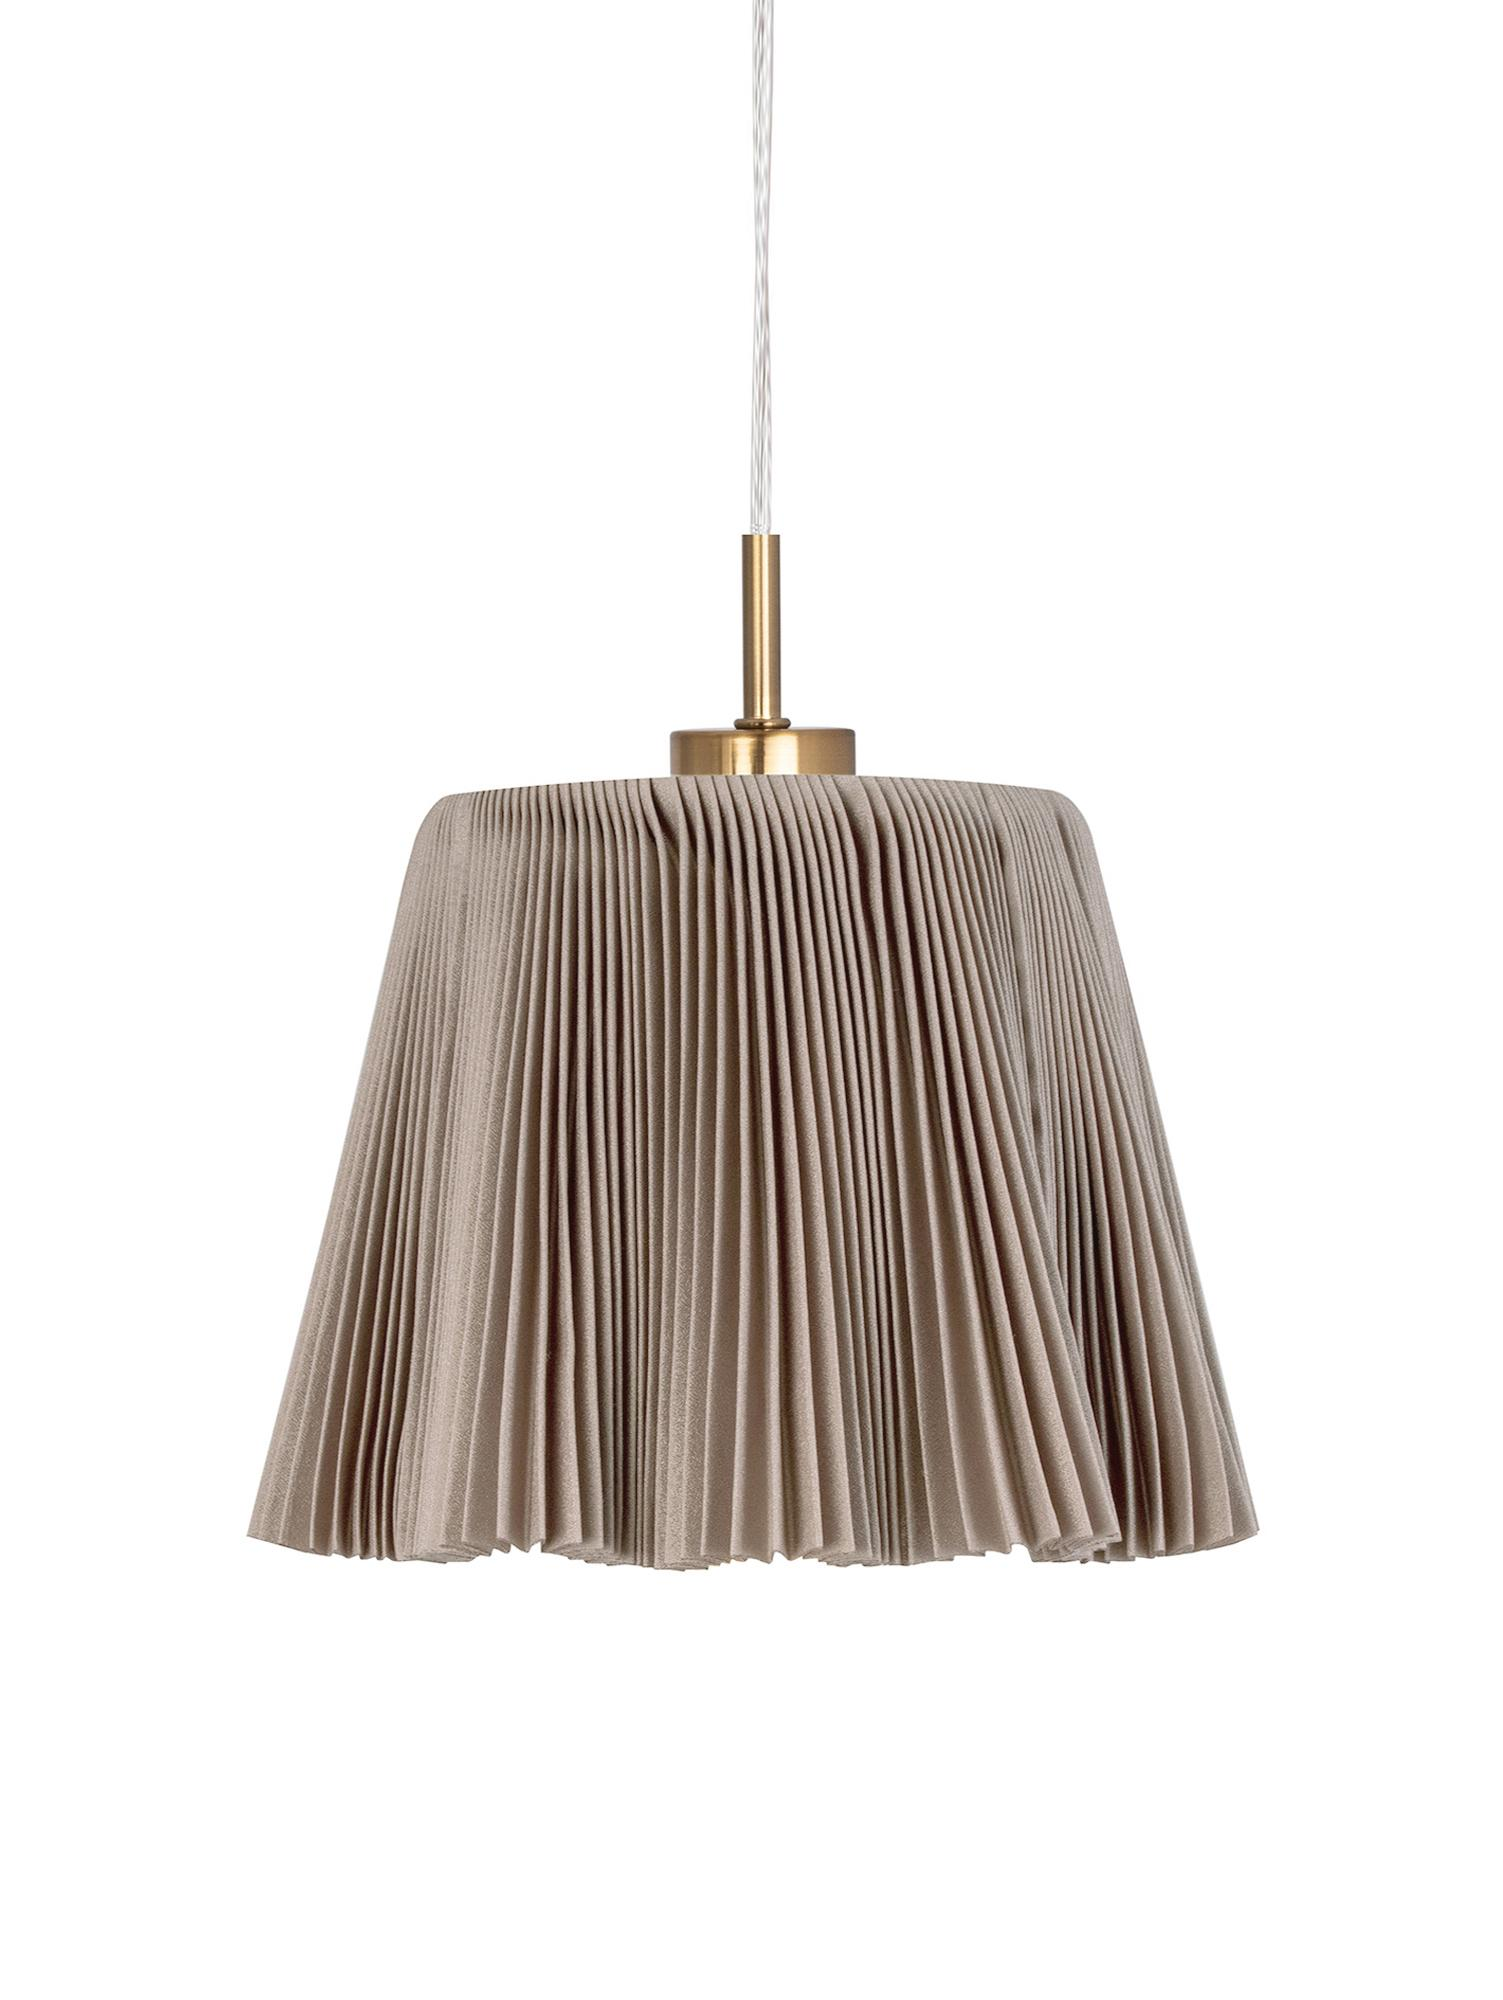 Lampada a sospensione Edith, Cotone, metallo, Marrone, ottonato, Ø 20 x Alt. 25 cm